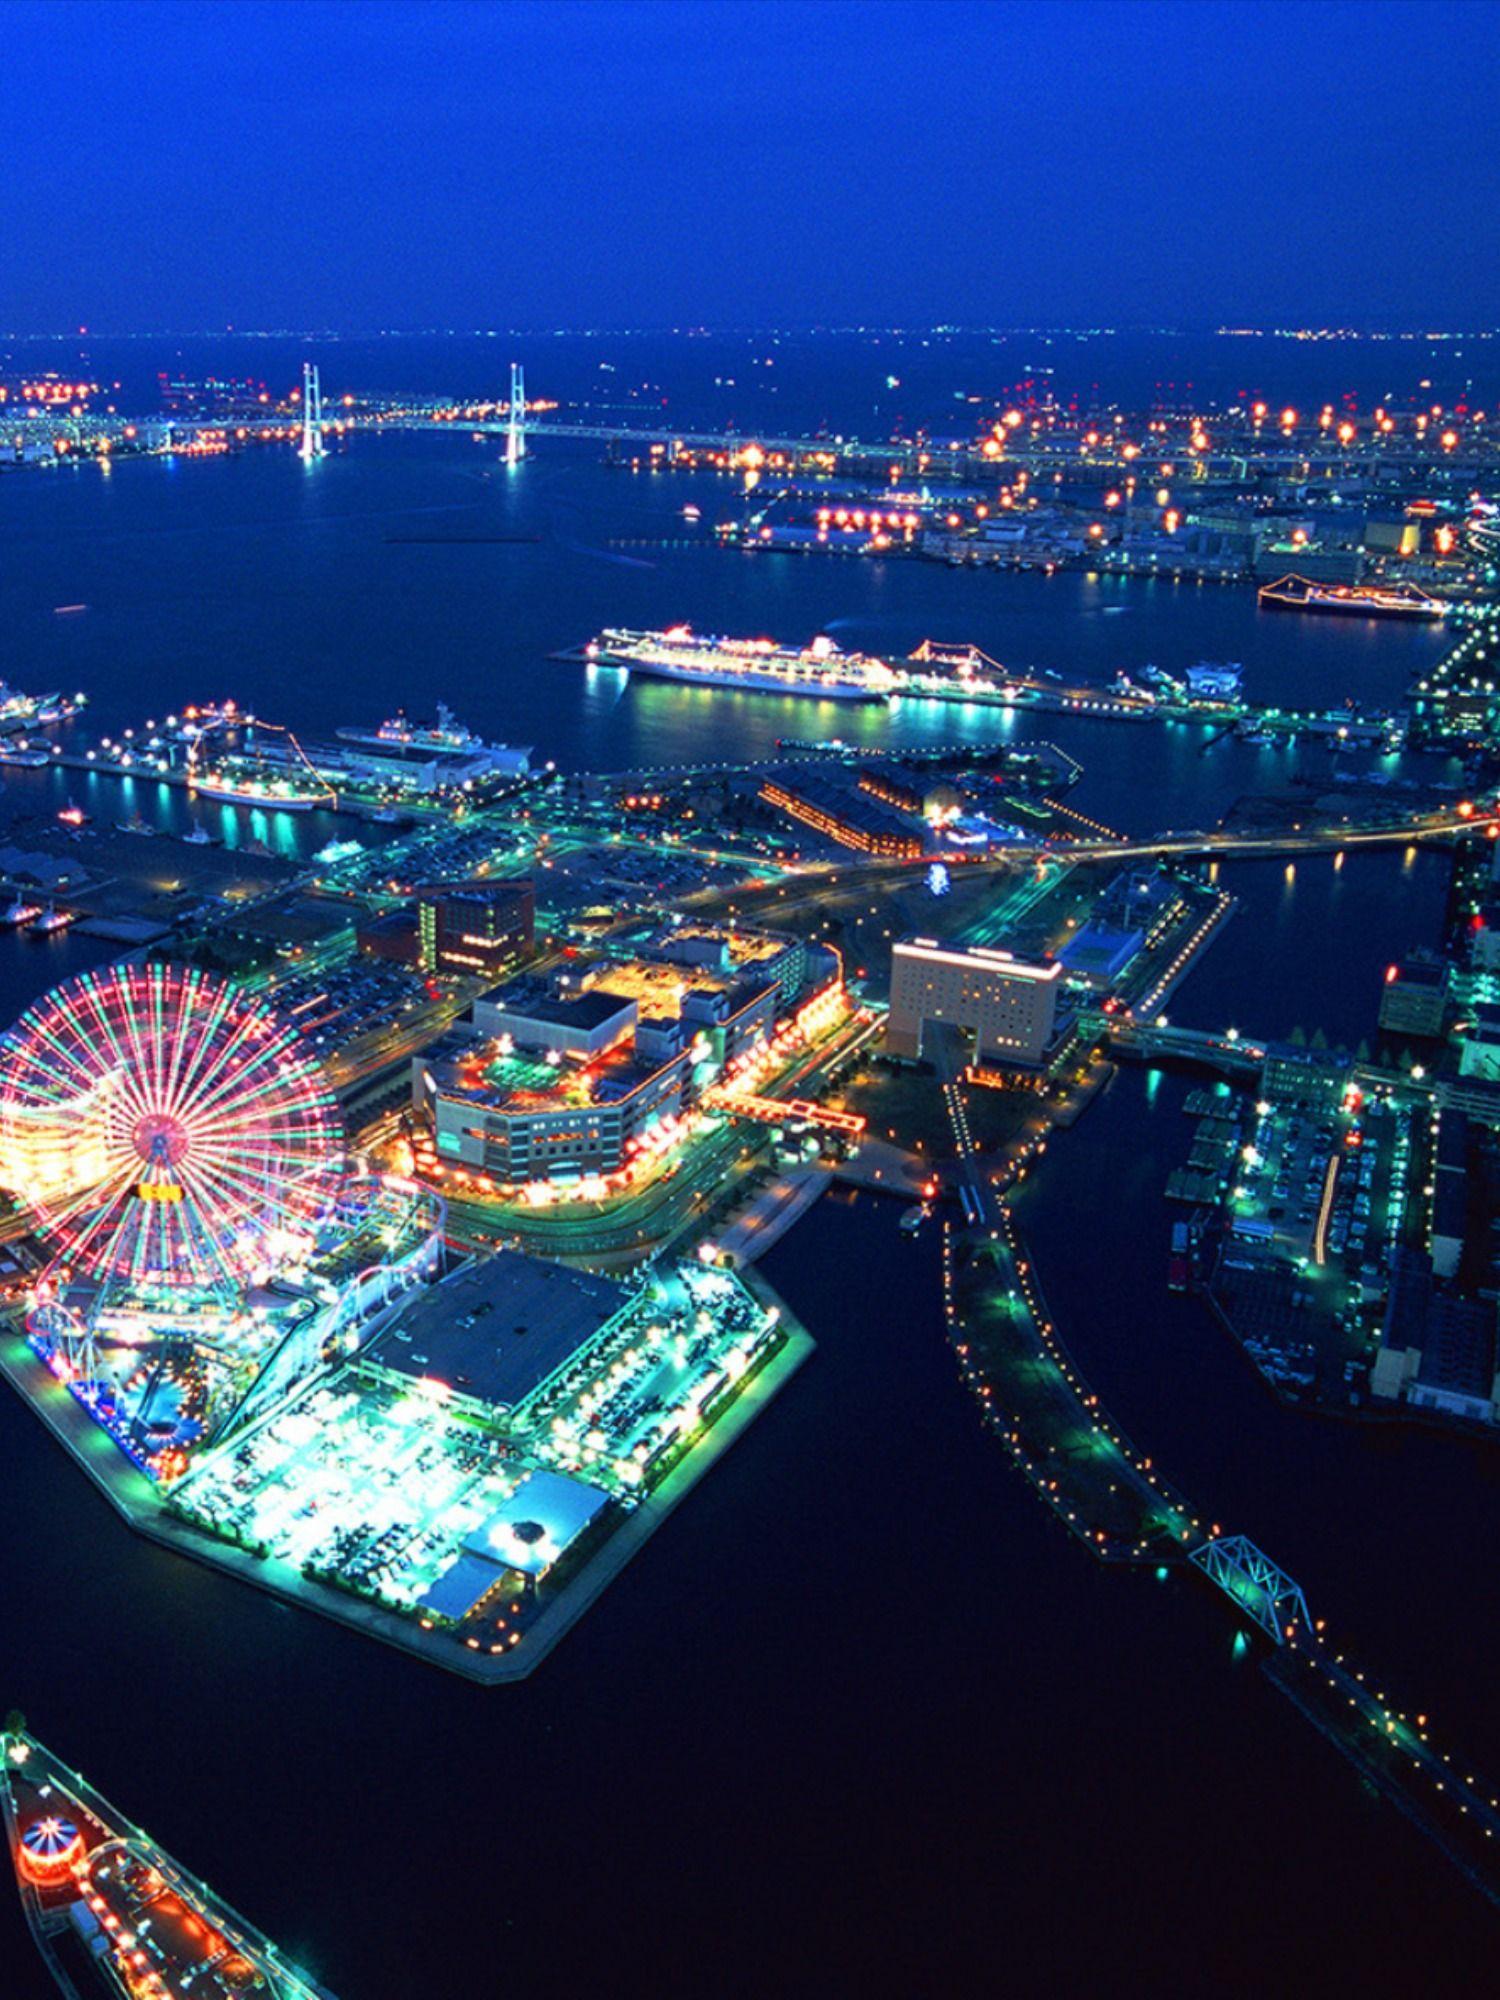 楽天トラベル 横浜ランドマークタワー たびノート ランドマークタワー 美しい風景 みなとみらい 夜景